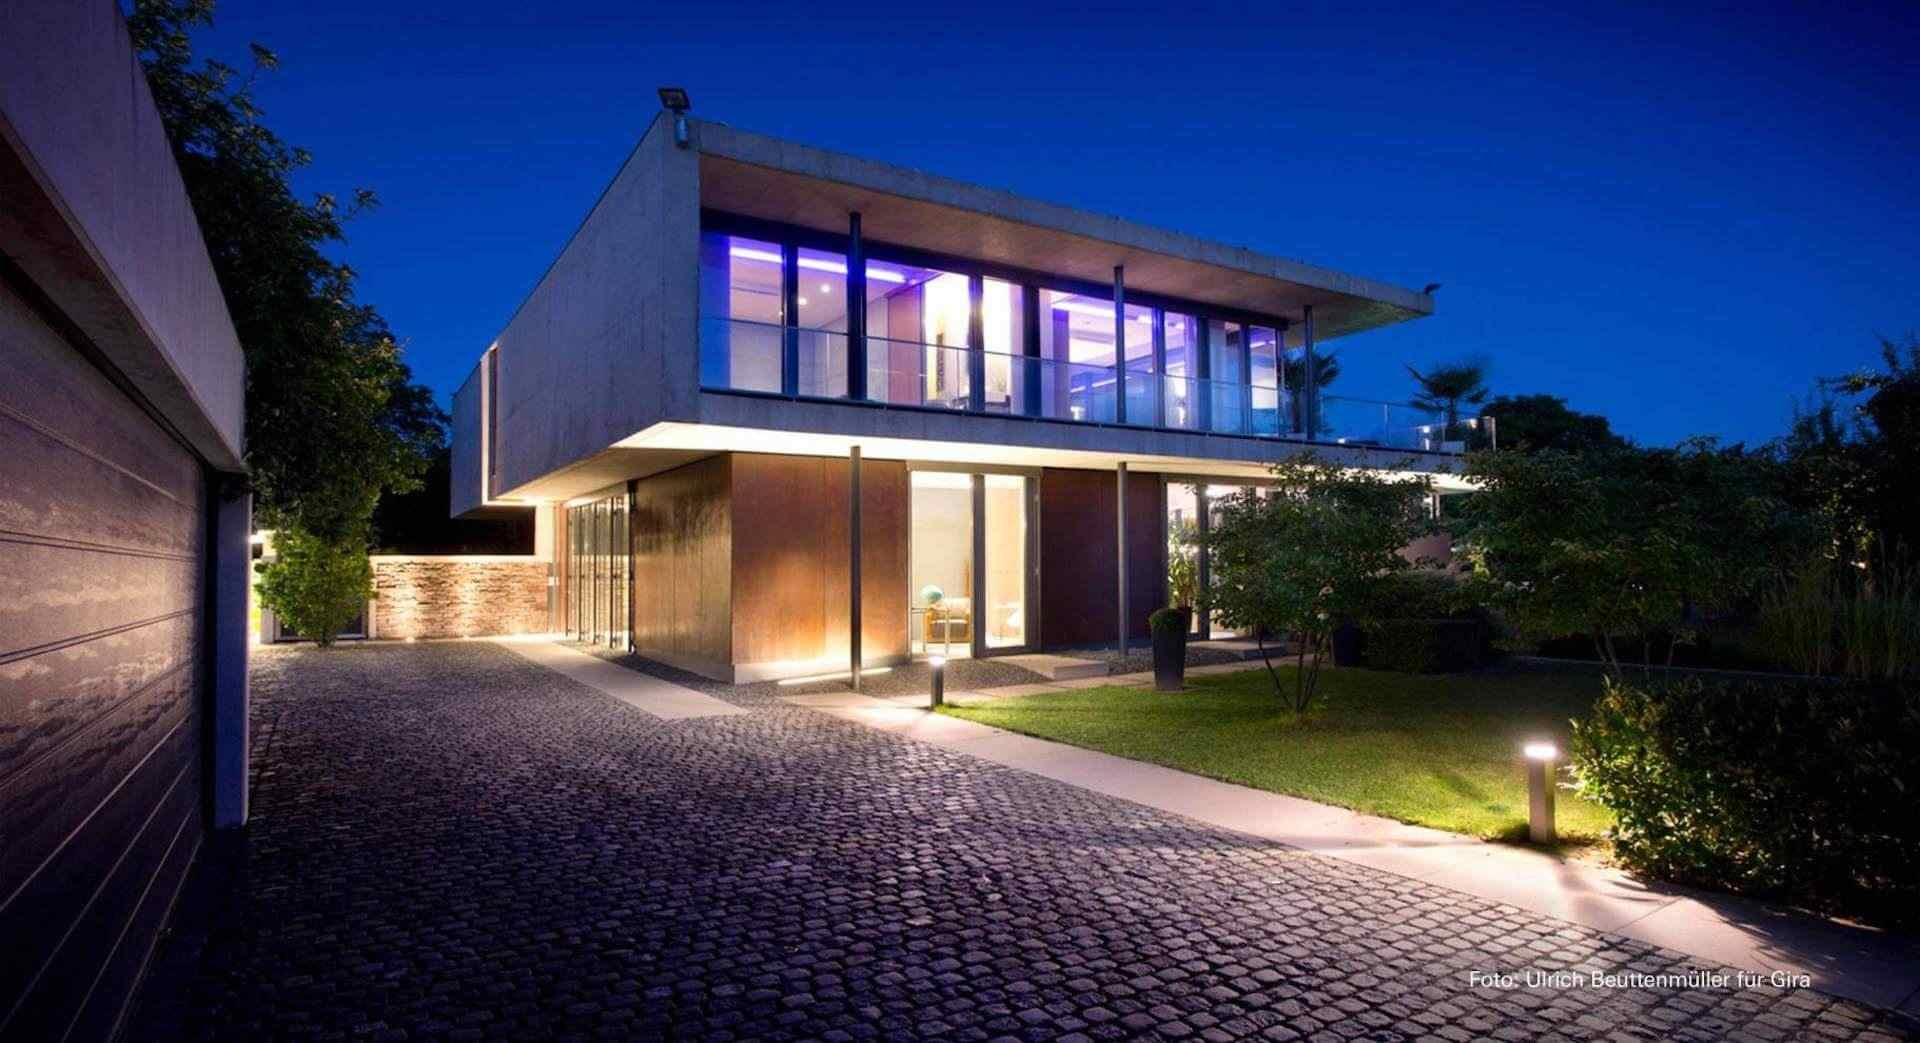 Beleuchtetes Wohnhaus Neubau im Dunkeln